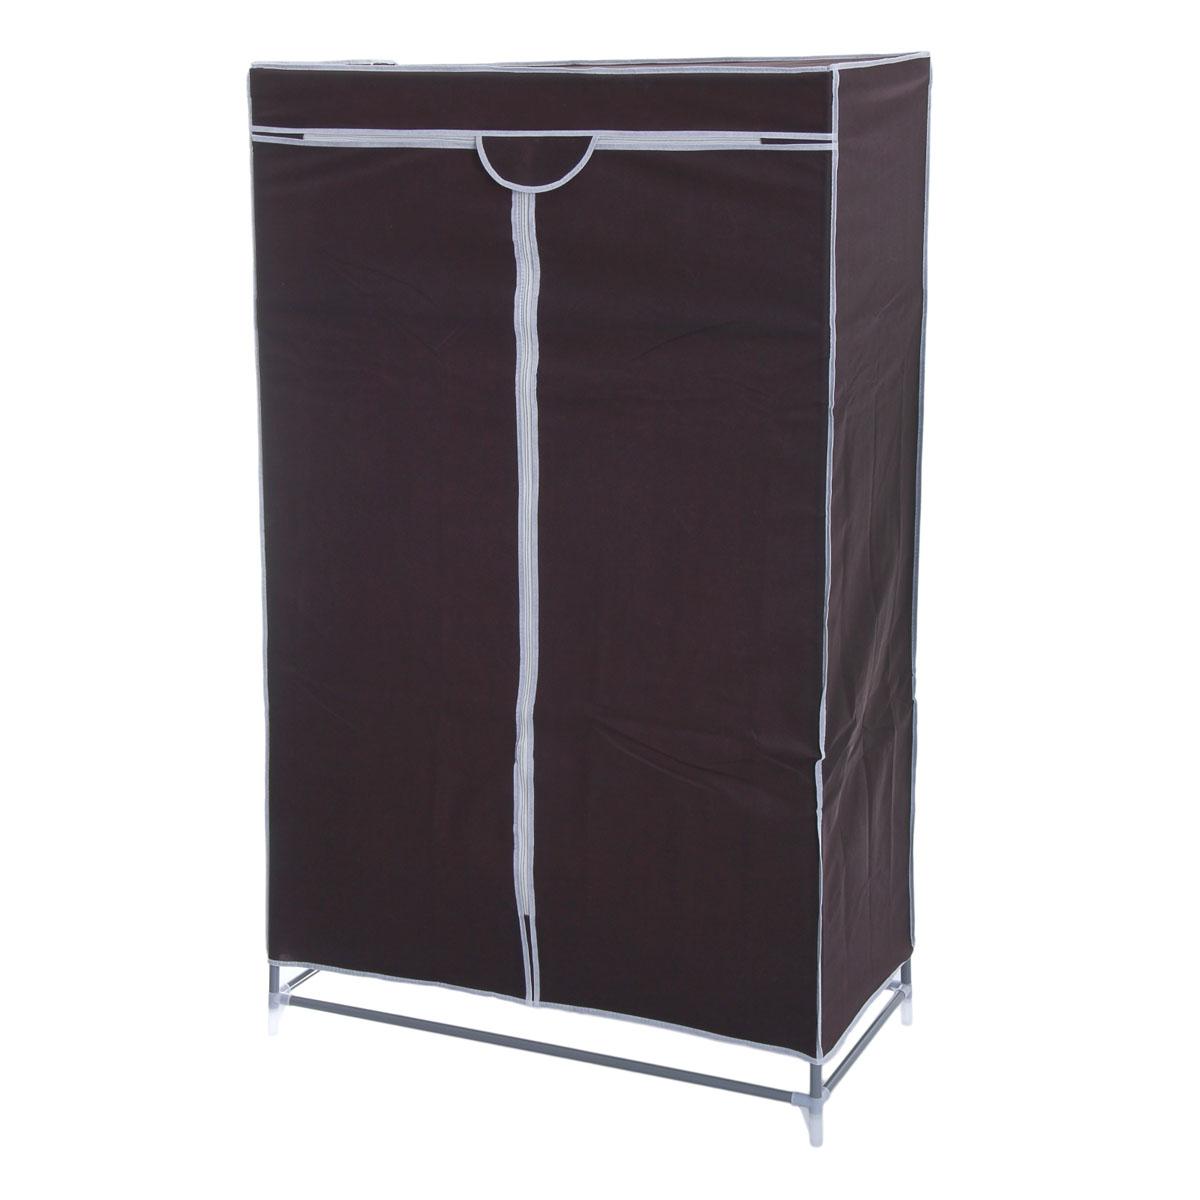 Мобильный шкаф для одежды Sima-land, цвет: кофейный, 90 х 45 х 145 см. 888799888799Мобильный шкаф для одежды Sima-land, предназначенный для храненияодежды и других вещей, это отличное решение проблемы, когда наблюдаетсяявный дефицит места или есть временная необходимость. Складной тканевыйшкаф - это мобильная конструкция, состоящая из сборного металлическогокаркаса, на который натянут чехол из нетканого полотна. Корпус шкафа сделан излегкой, но прочной стали, а обивка из полиэстера, который можно легко стиратьв стиральной машинке. Шкаф оснащен двумя текстильными дверями,которые закрываются на застежку-молнию. Шкаф снабжен полкой и планкой для хранения вещей на вешалках.